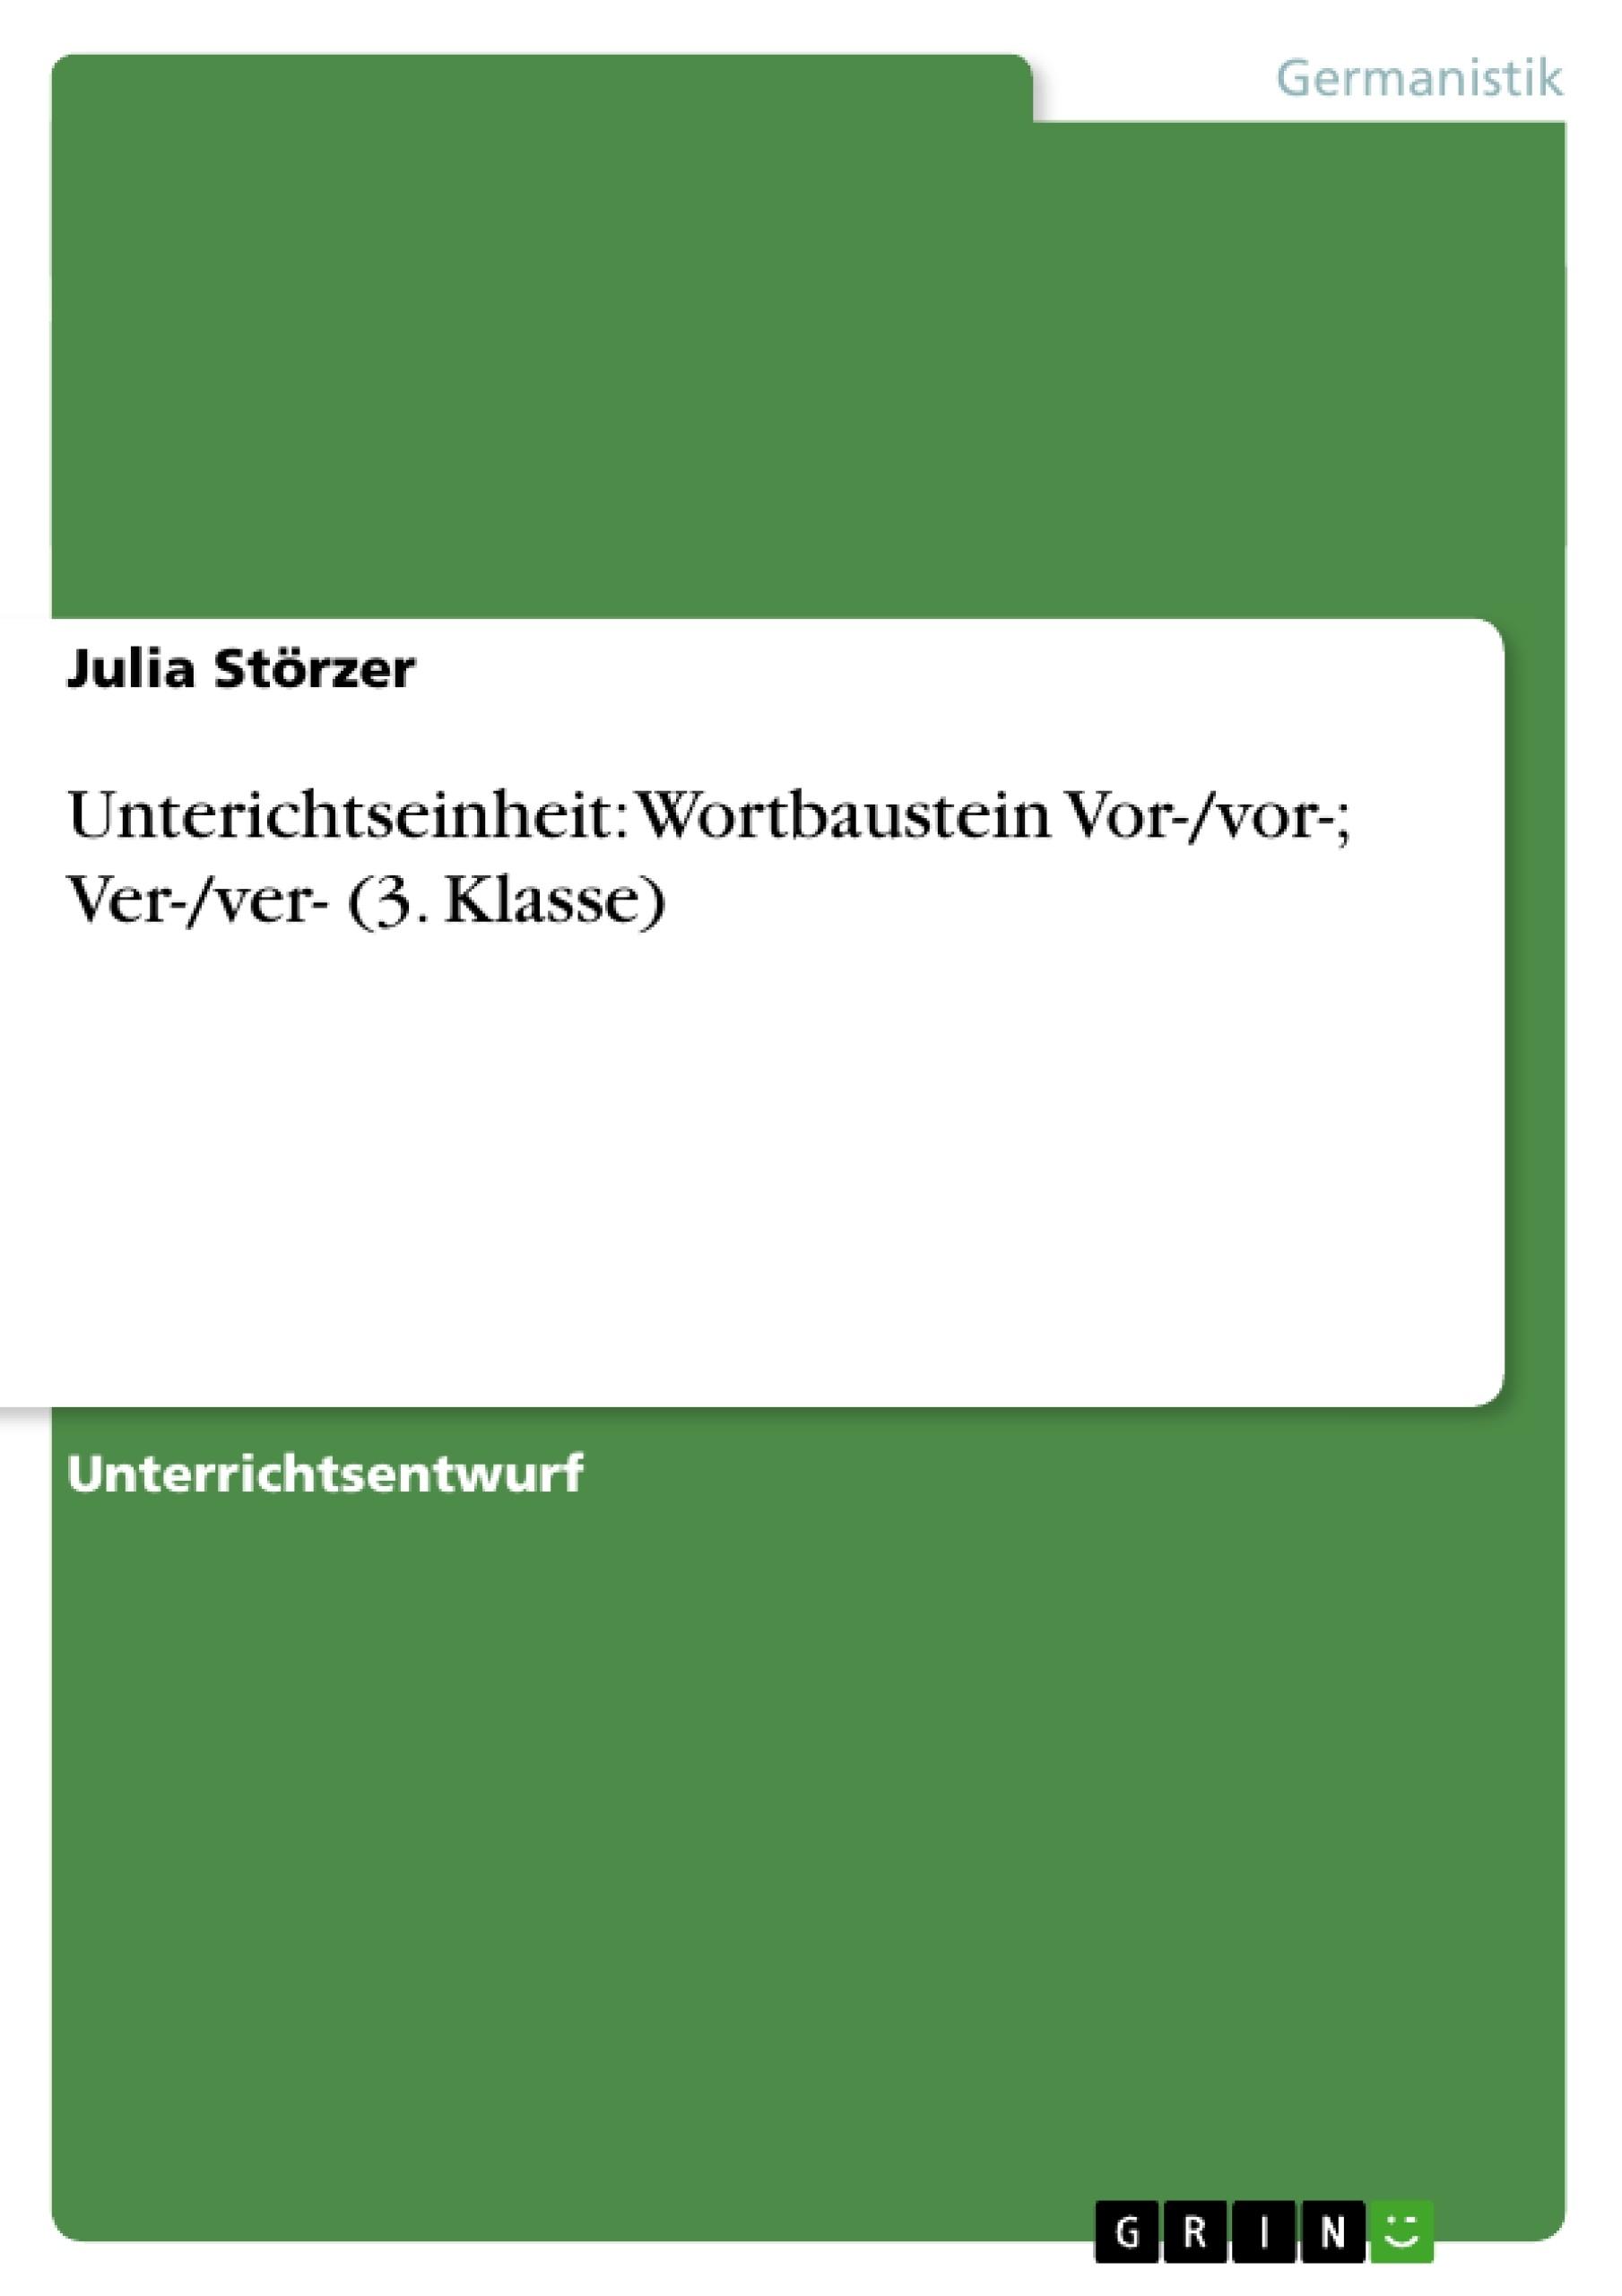 Titel: Unterichtseinheit: Wortbaustein Vor-/vor-; Ver-/ver- (3. Klasse)